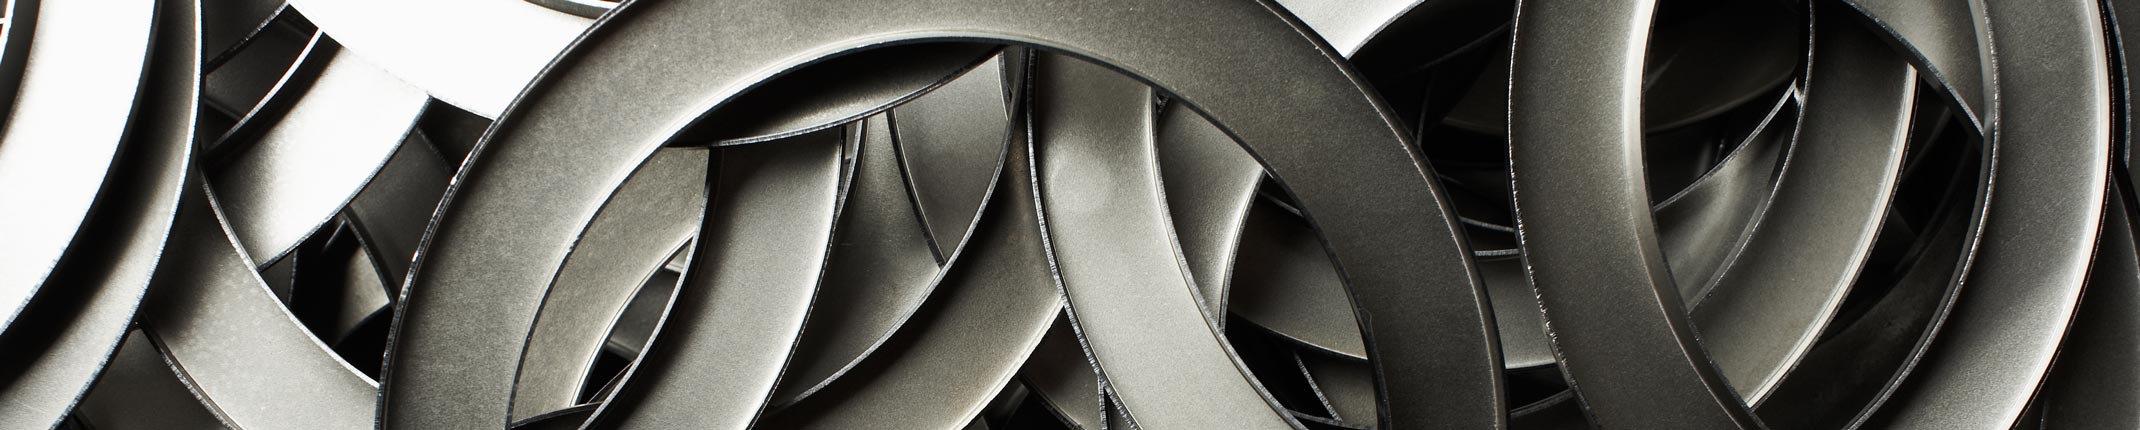 Closeup af udstanset metal ringe